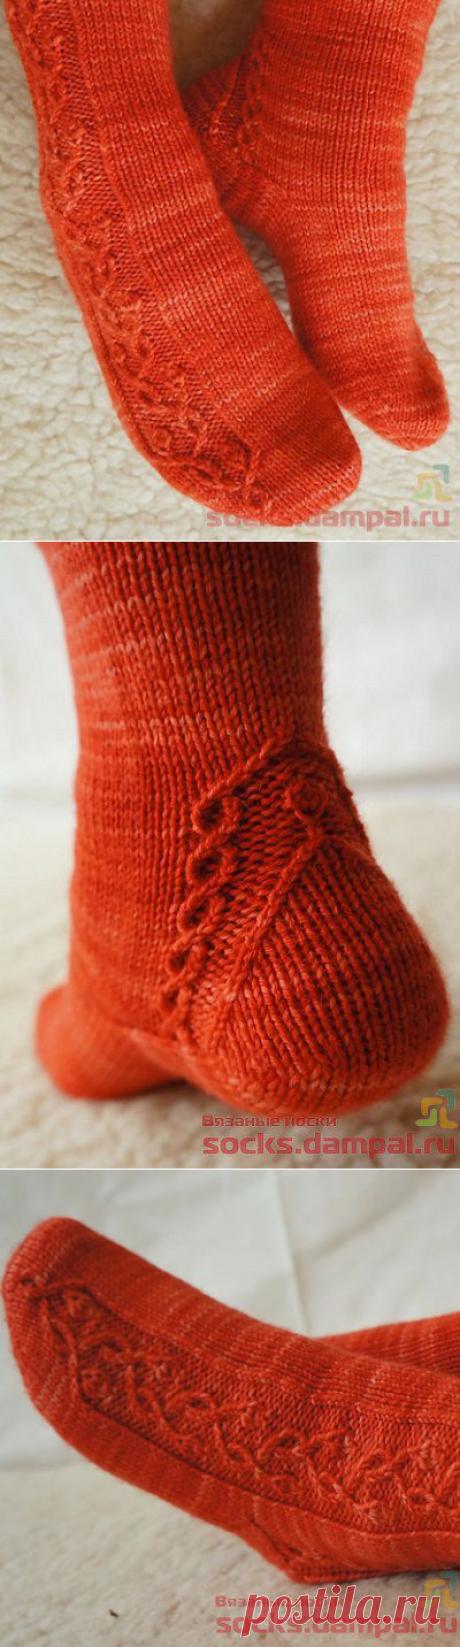 Вязаные носки «Spring Ecstasy»